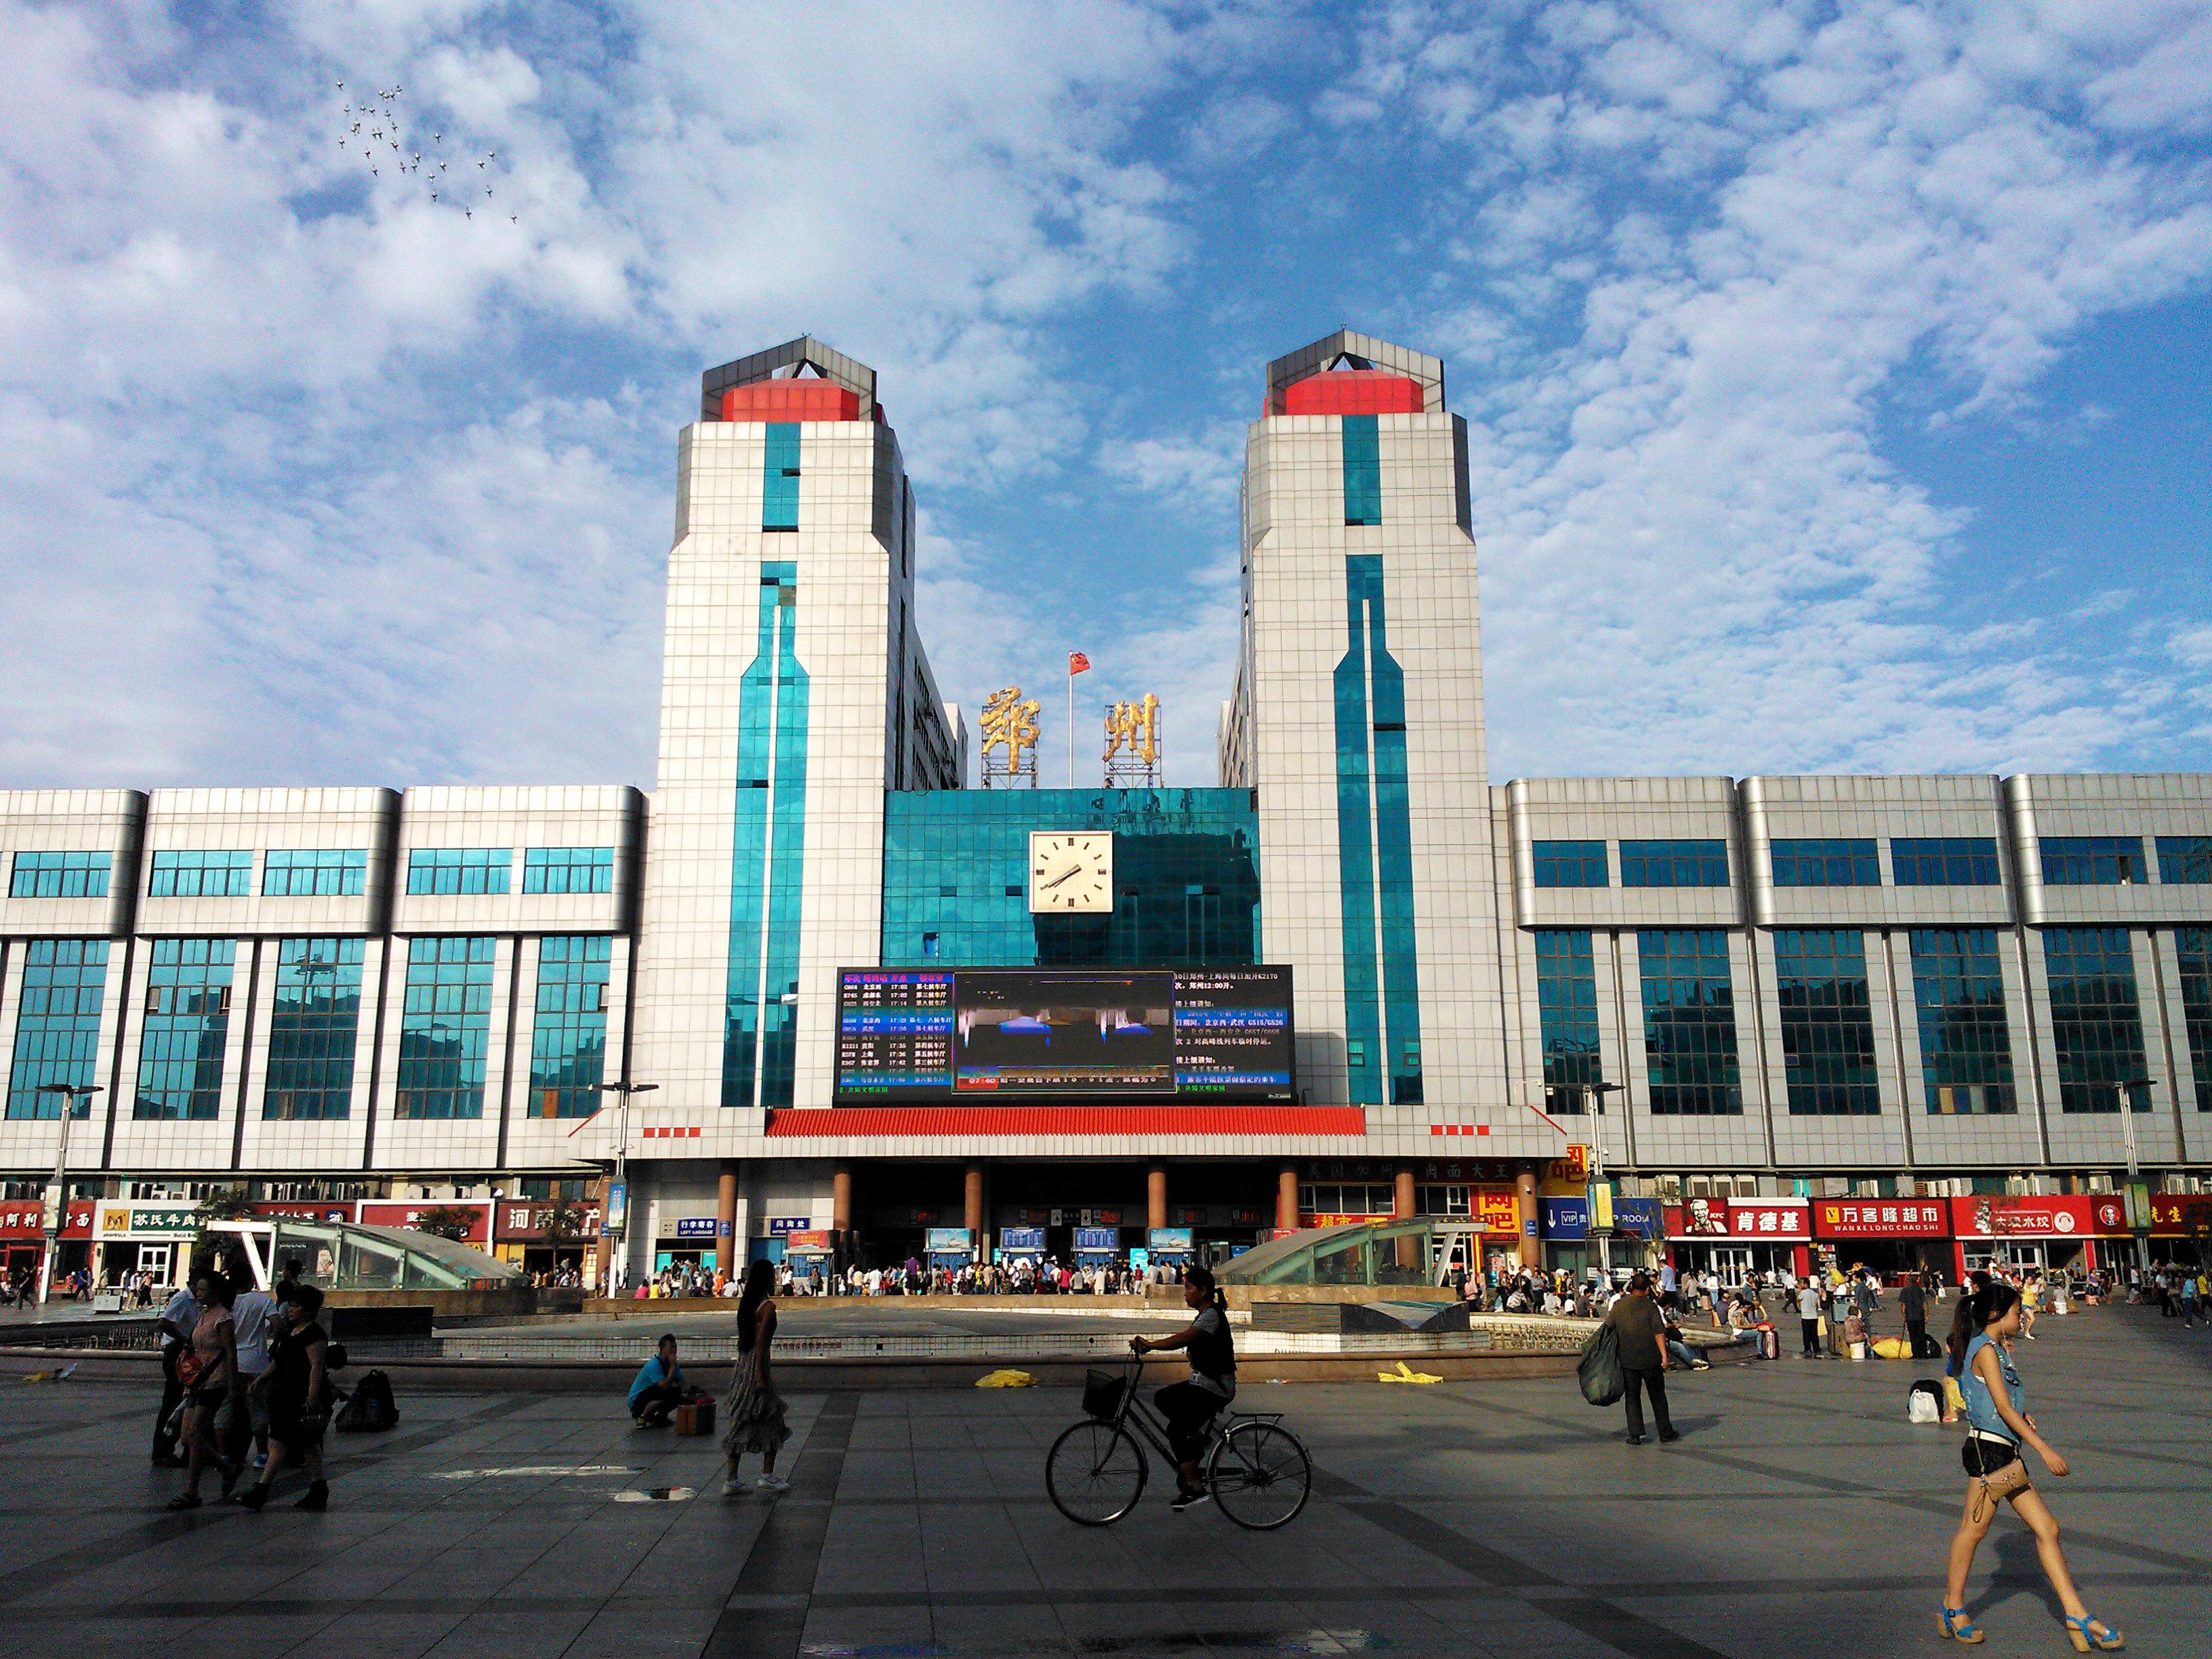 二七纪念塔全称郑州二七大罢工纪念塔